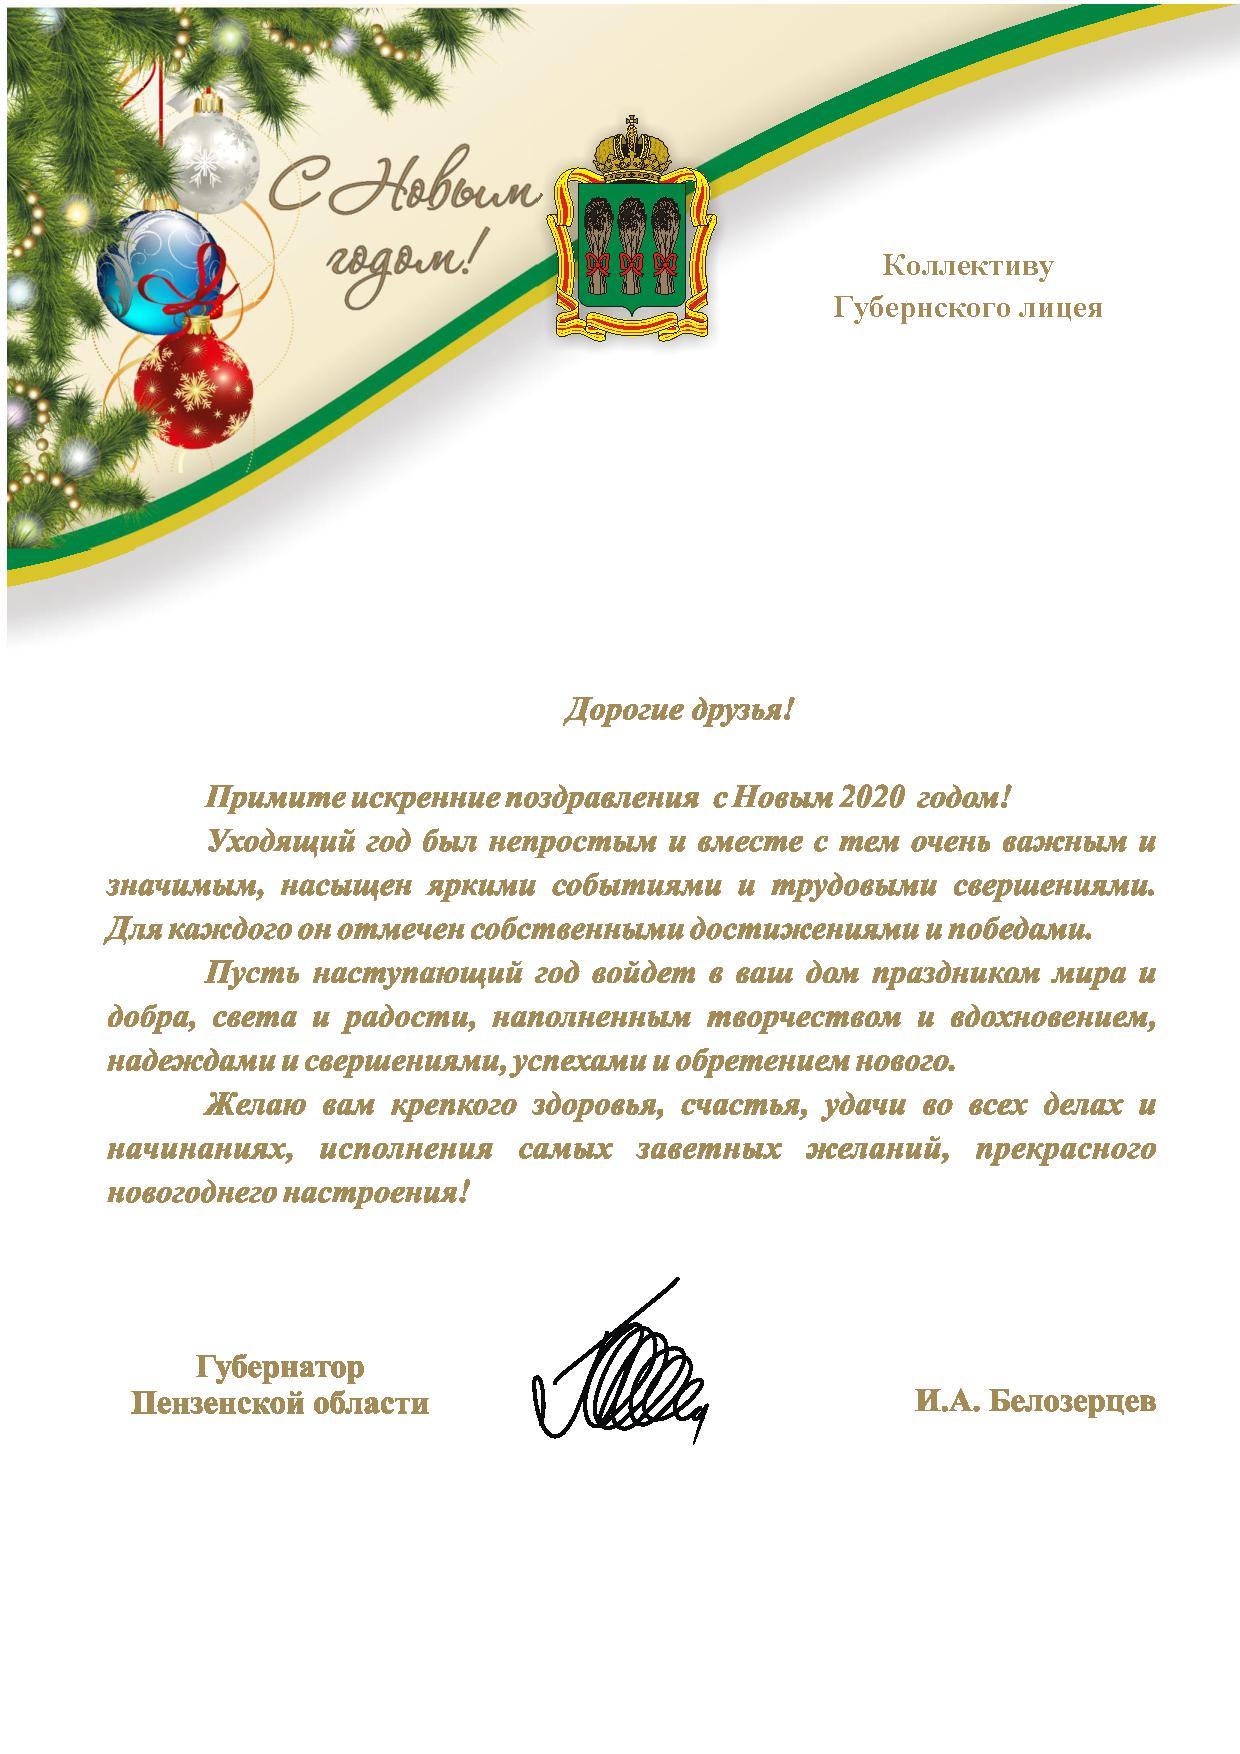 Поздравление губернатора пензенской области с новым годом